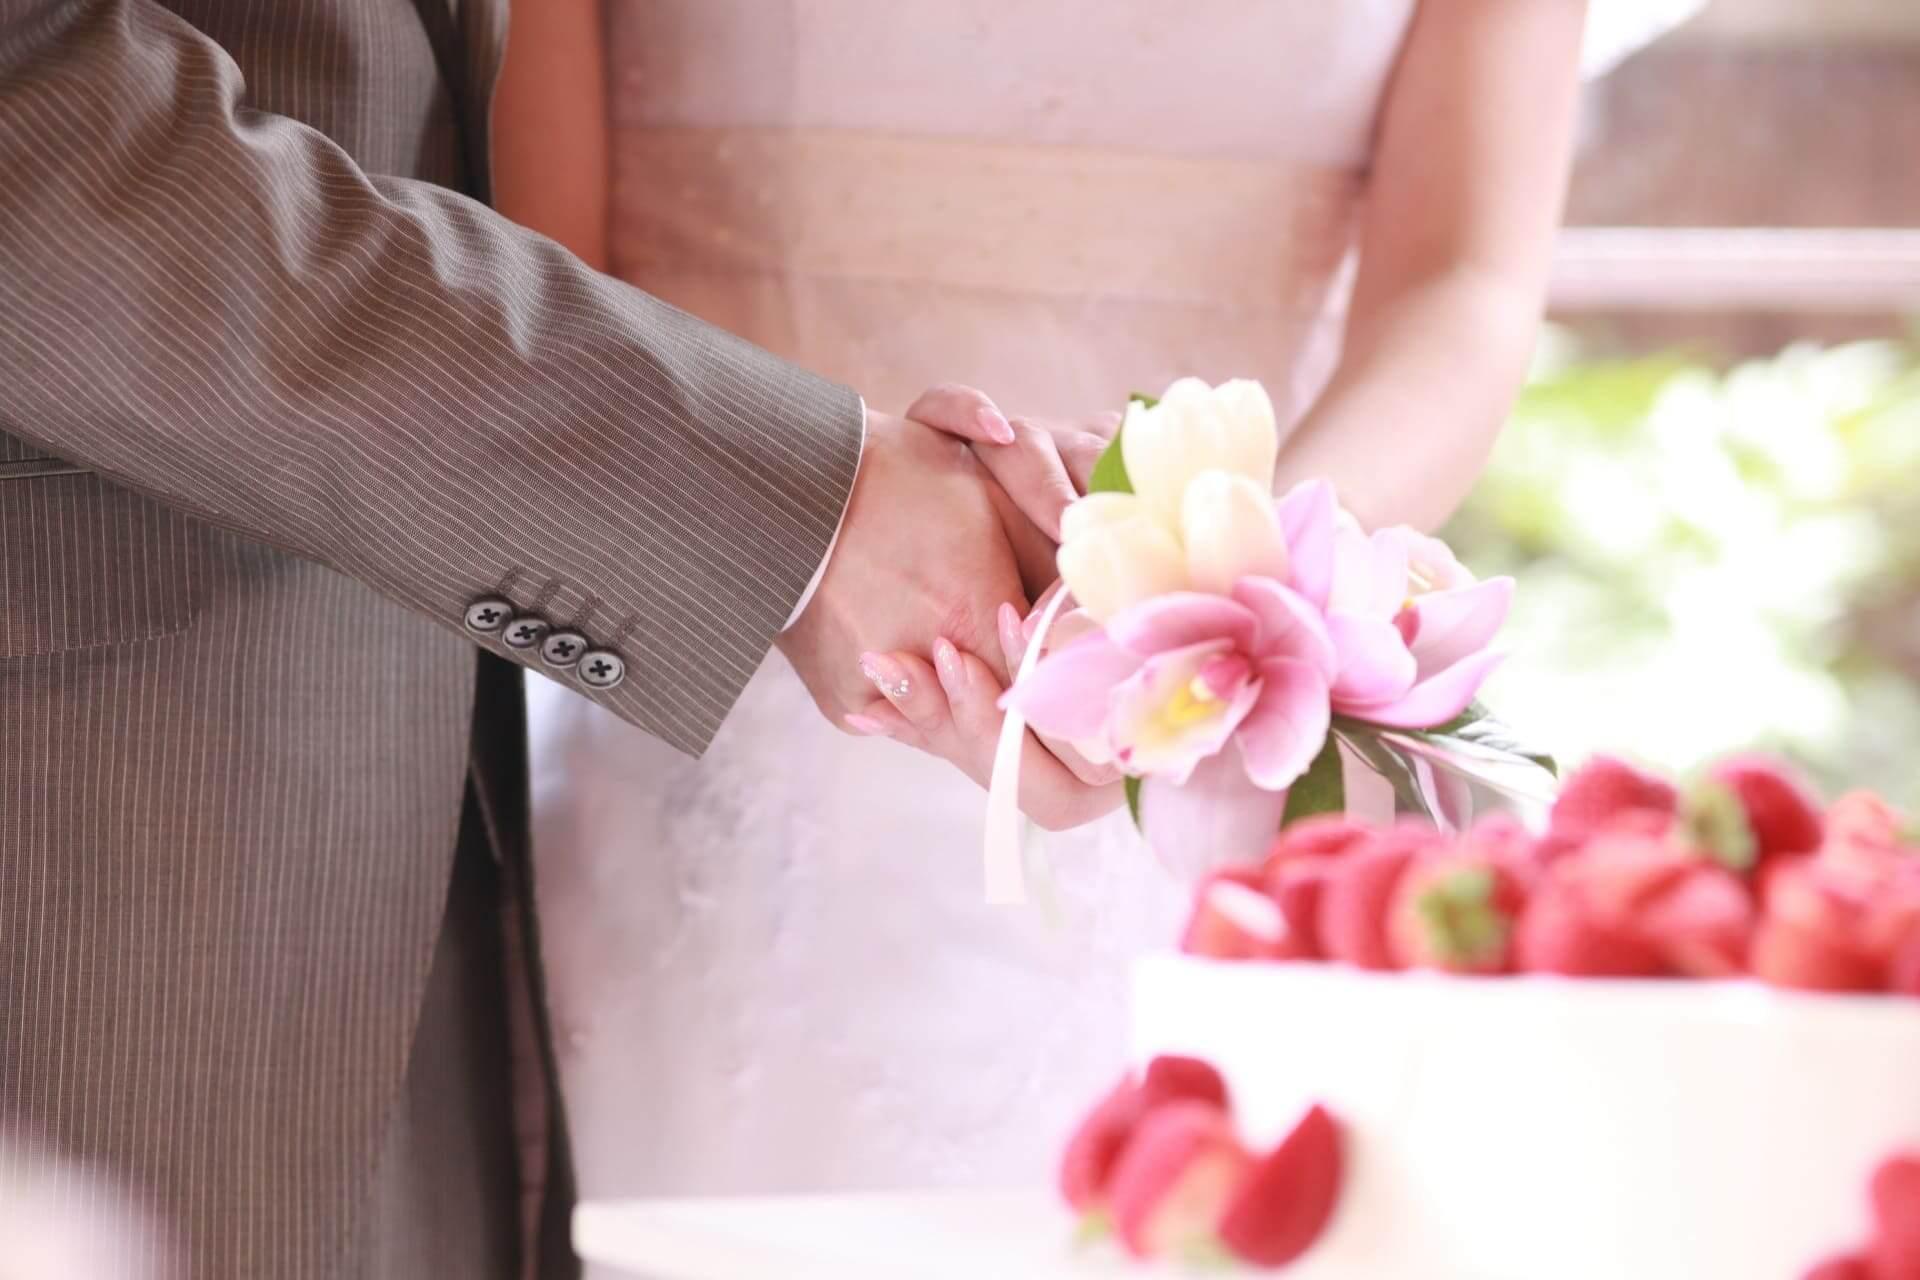 水晶玉子の出会い占い|今年こそ結婚イケる?あなたの運命異性とその特徴